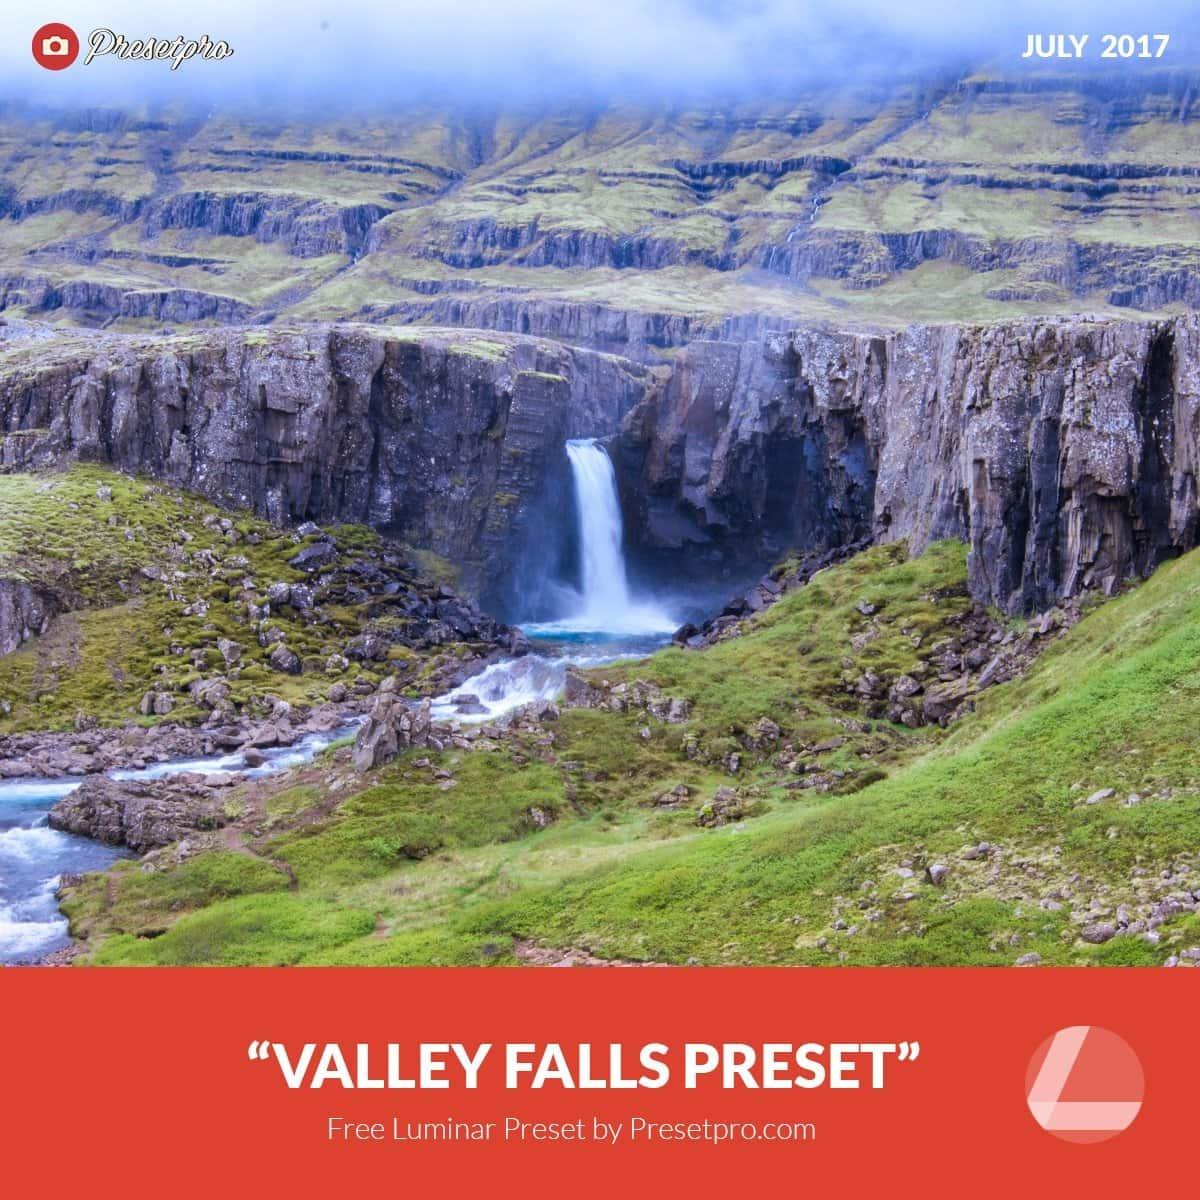 Free-Luminar-Preset-Valley-Falls-Presetpro.com